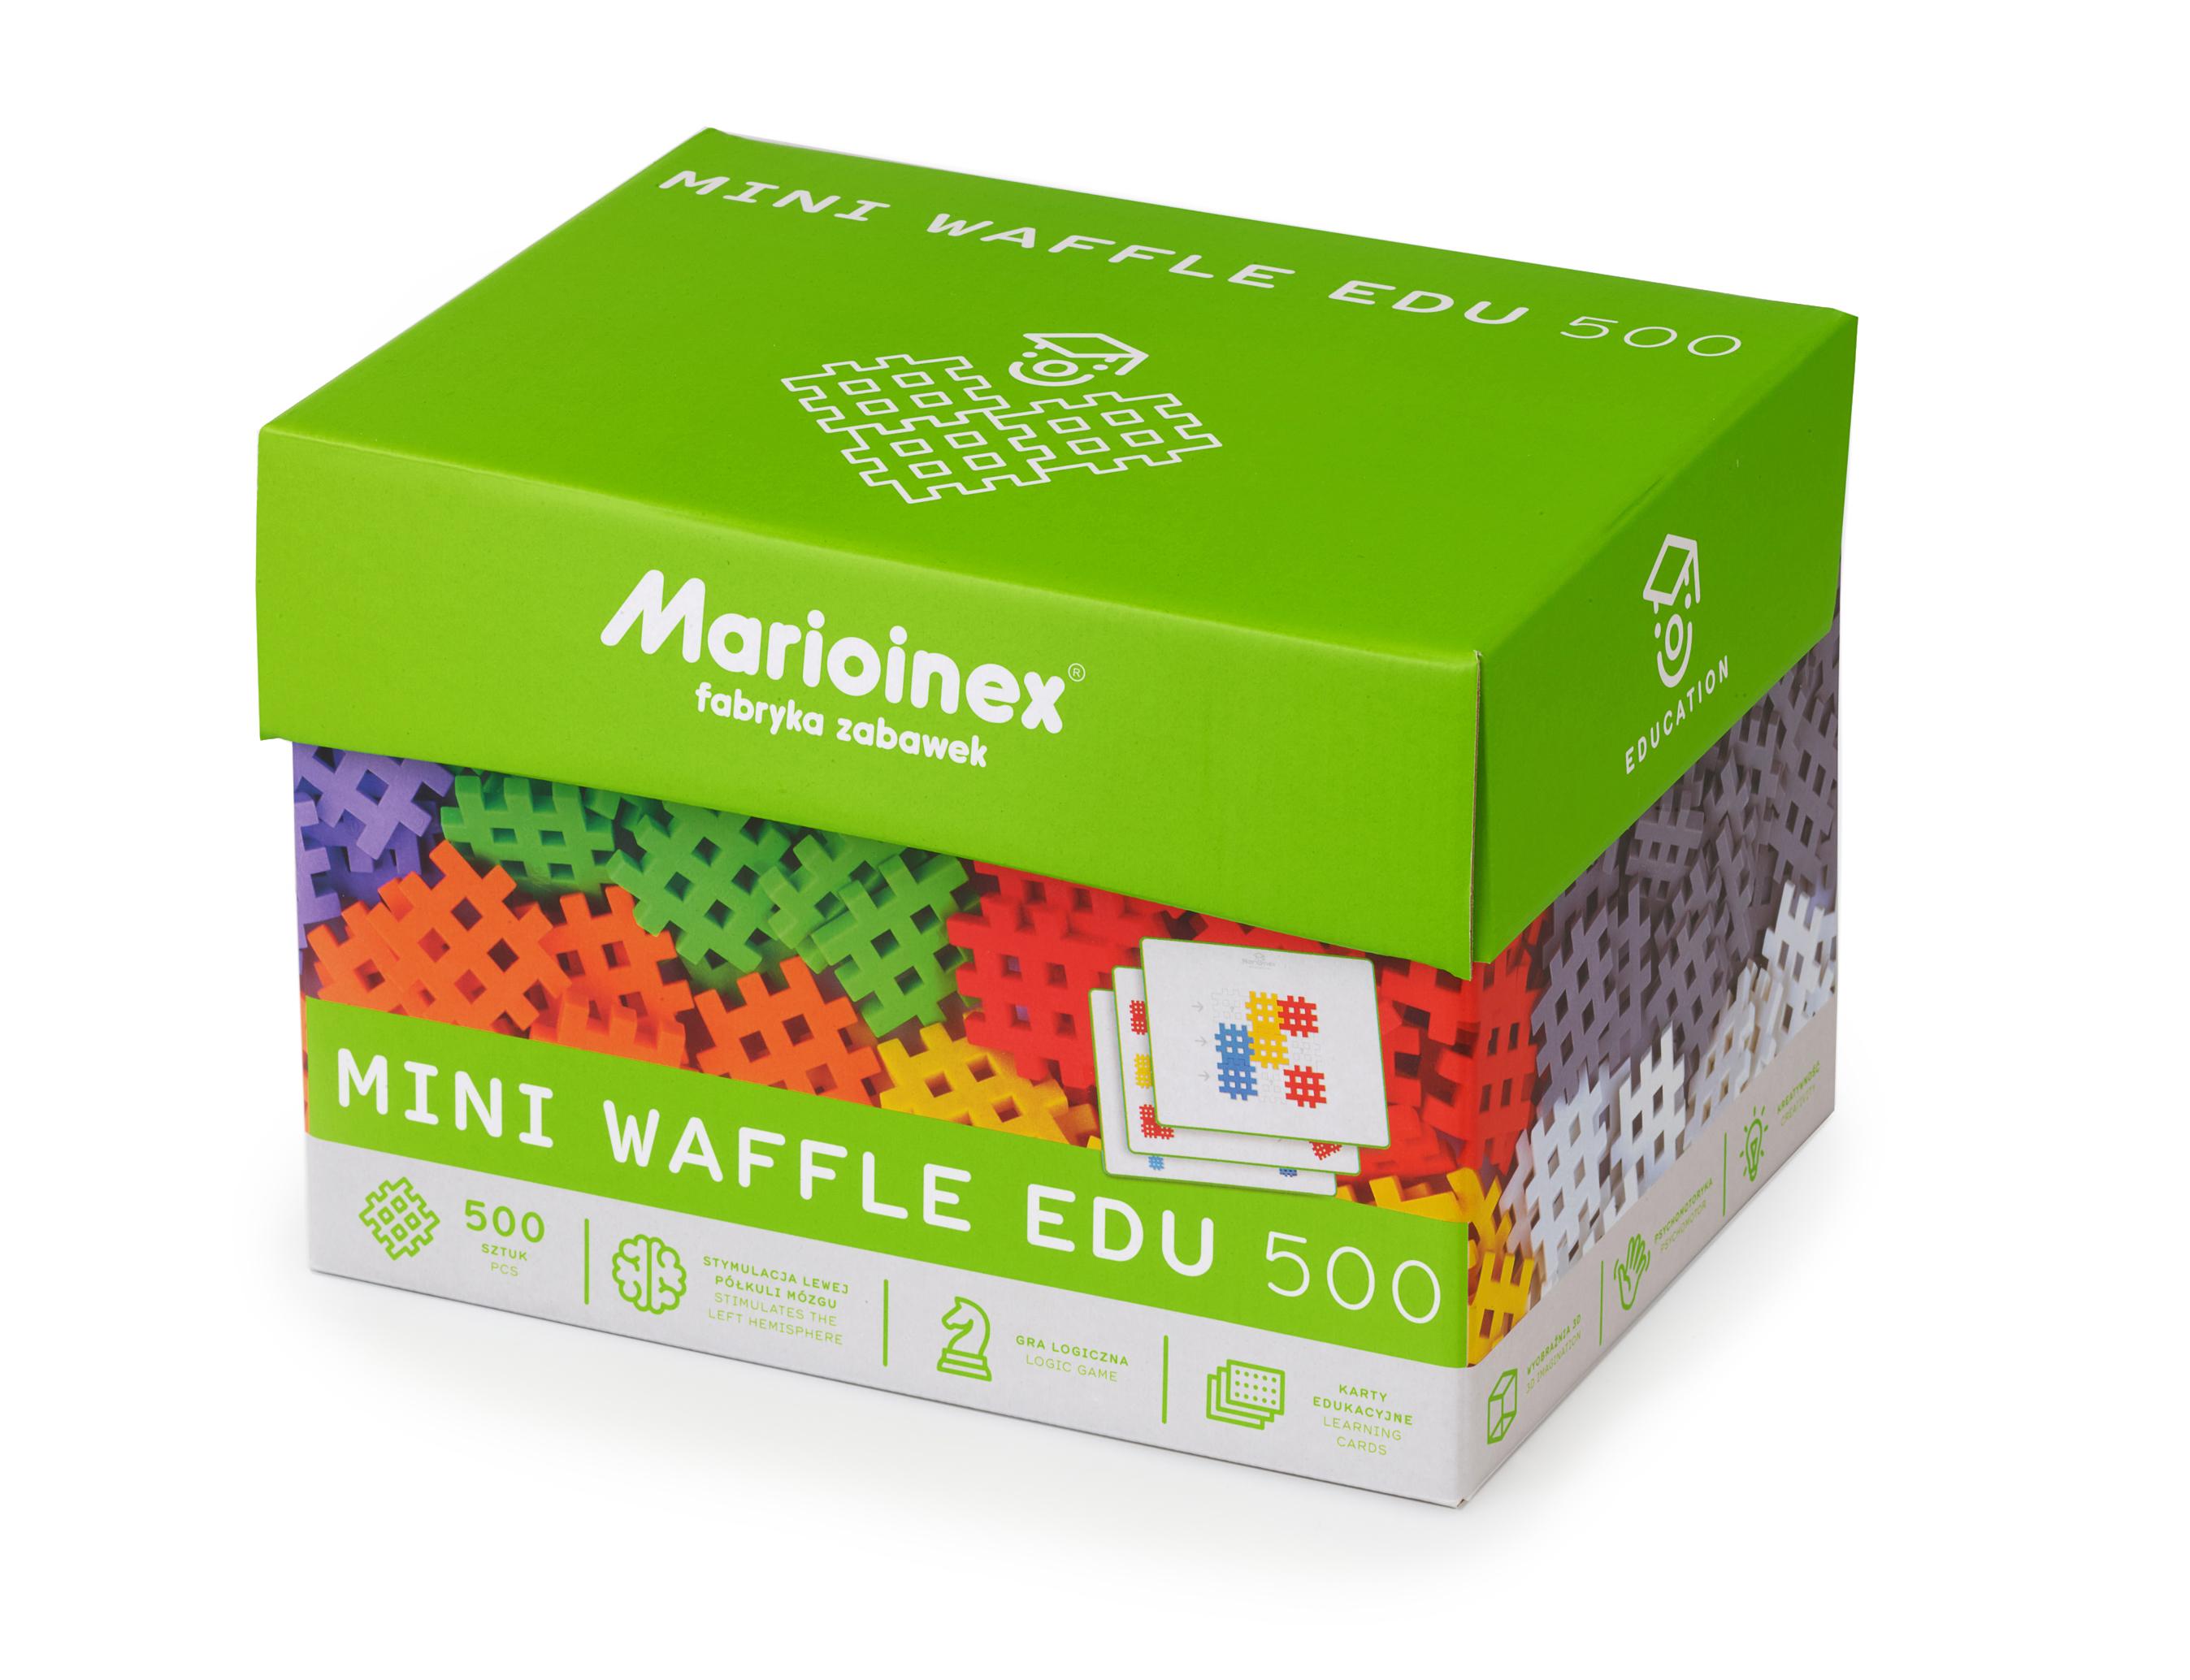 Marioinex MINI WAFLE – 500 ks Vzdělávací